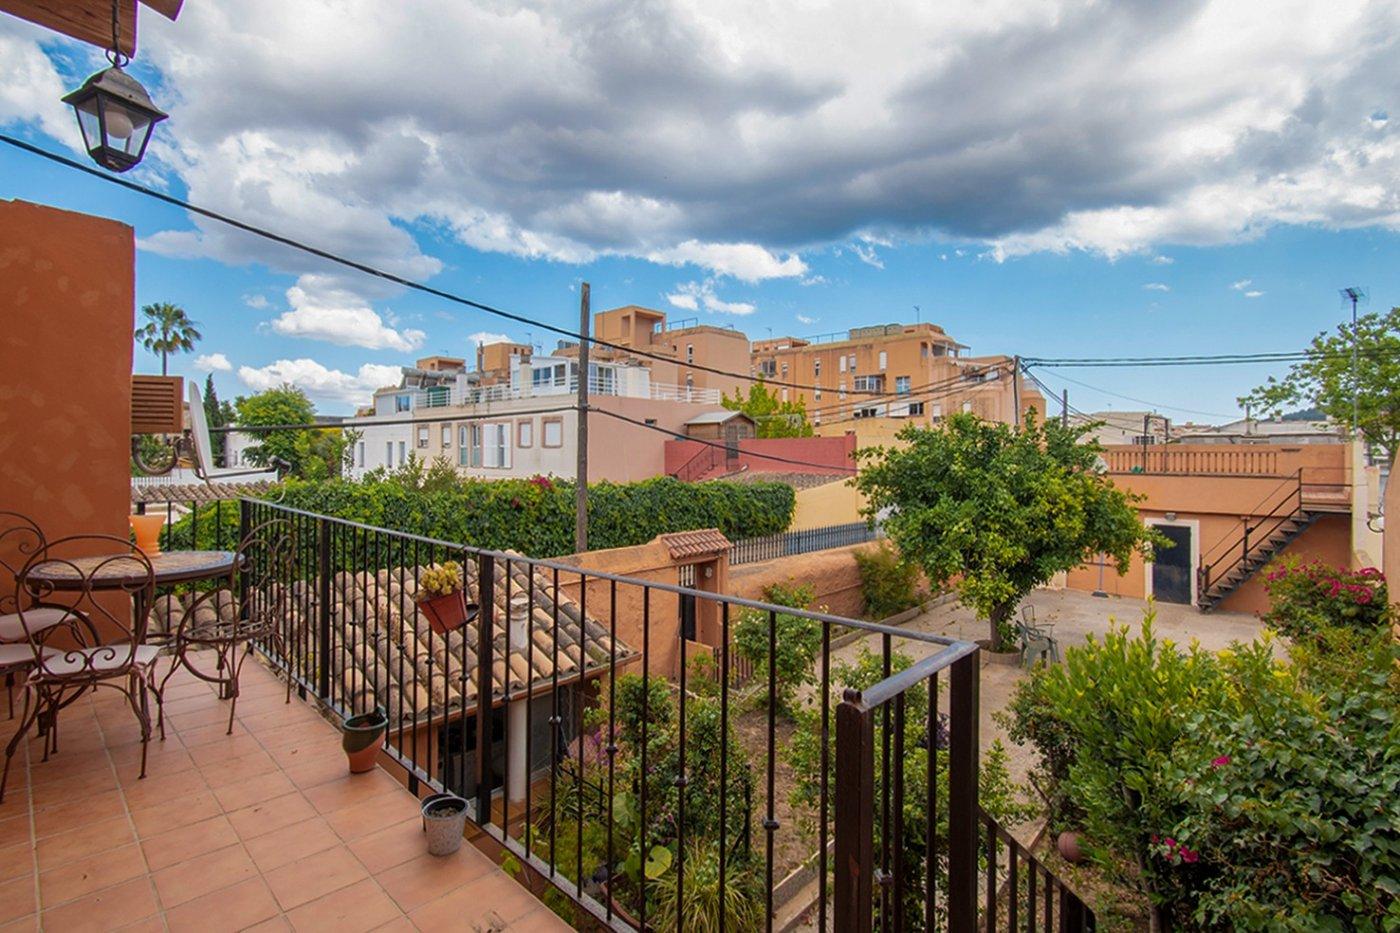 Casa unifamilair con garaje, jardÍn y terraza en la vileta. - imagenInmueble29